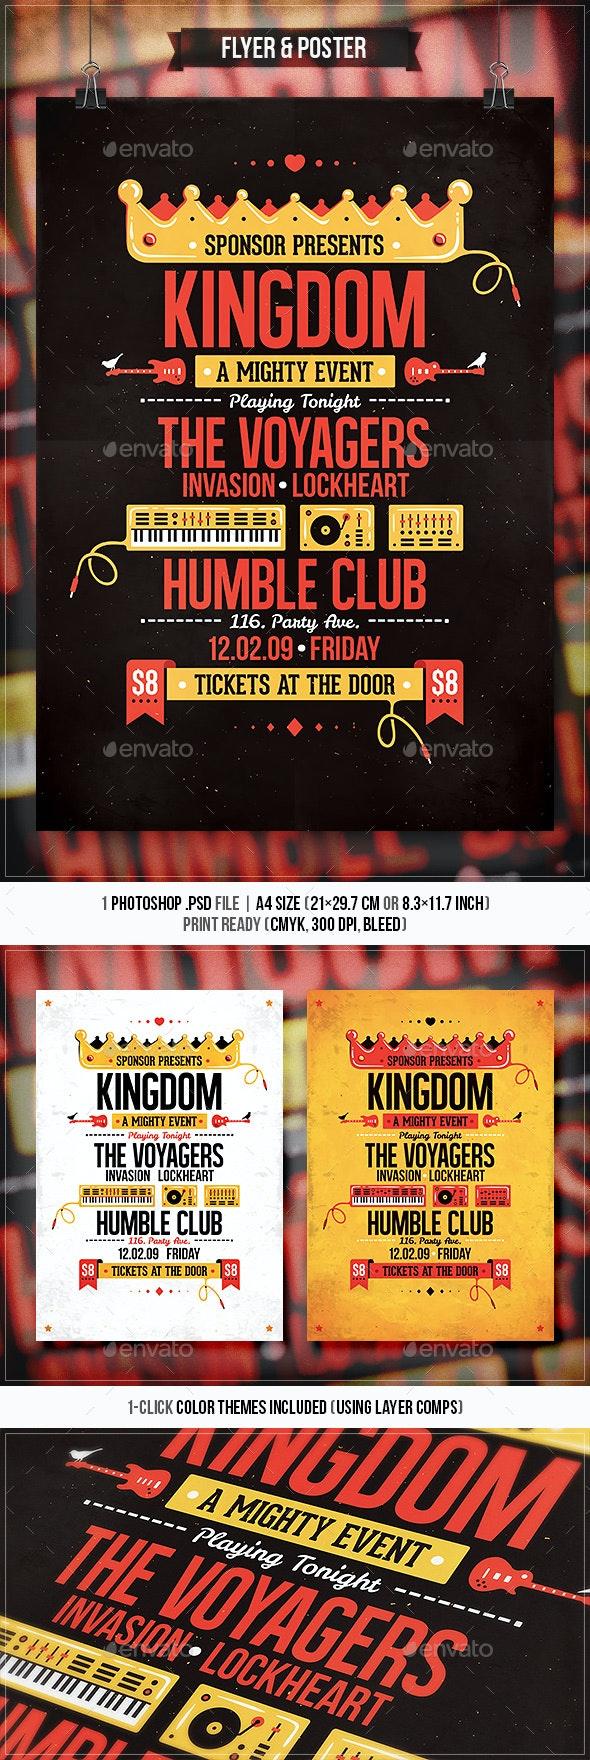 Kingdom - Flyer & Poster - Concerts Events